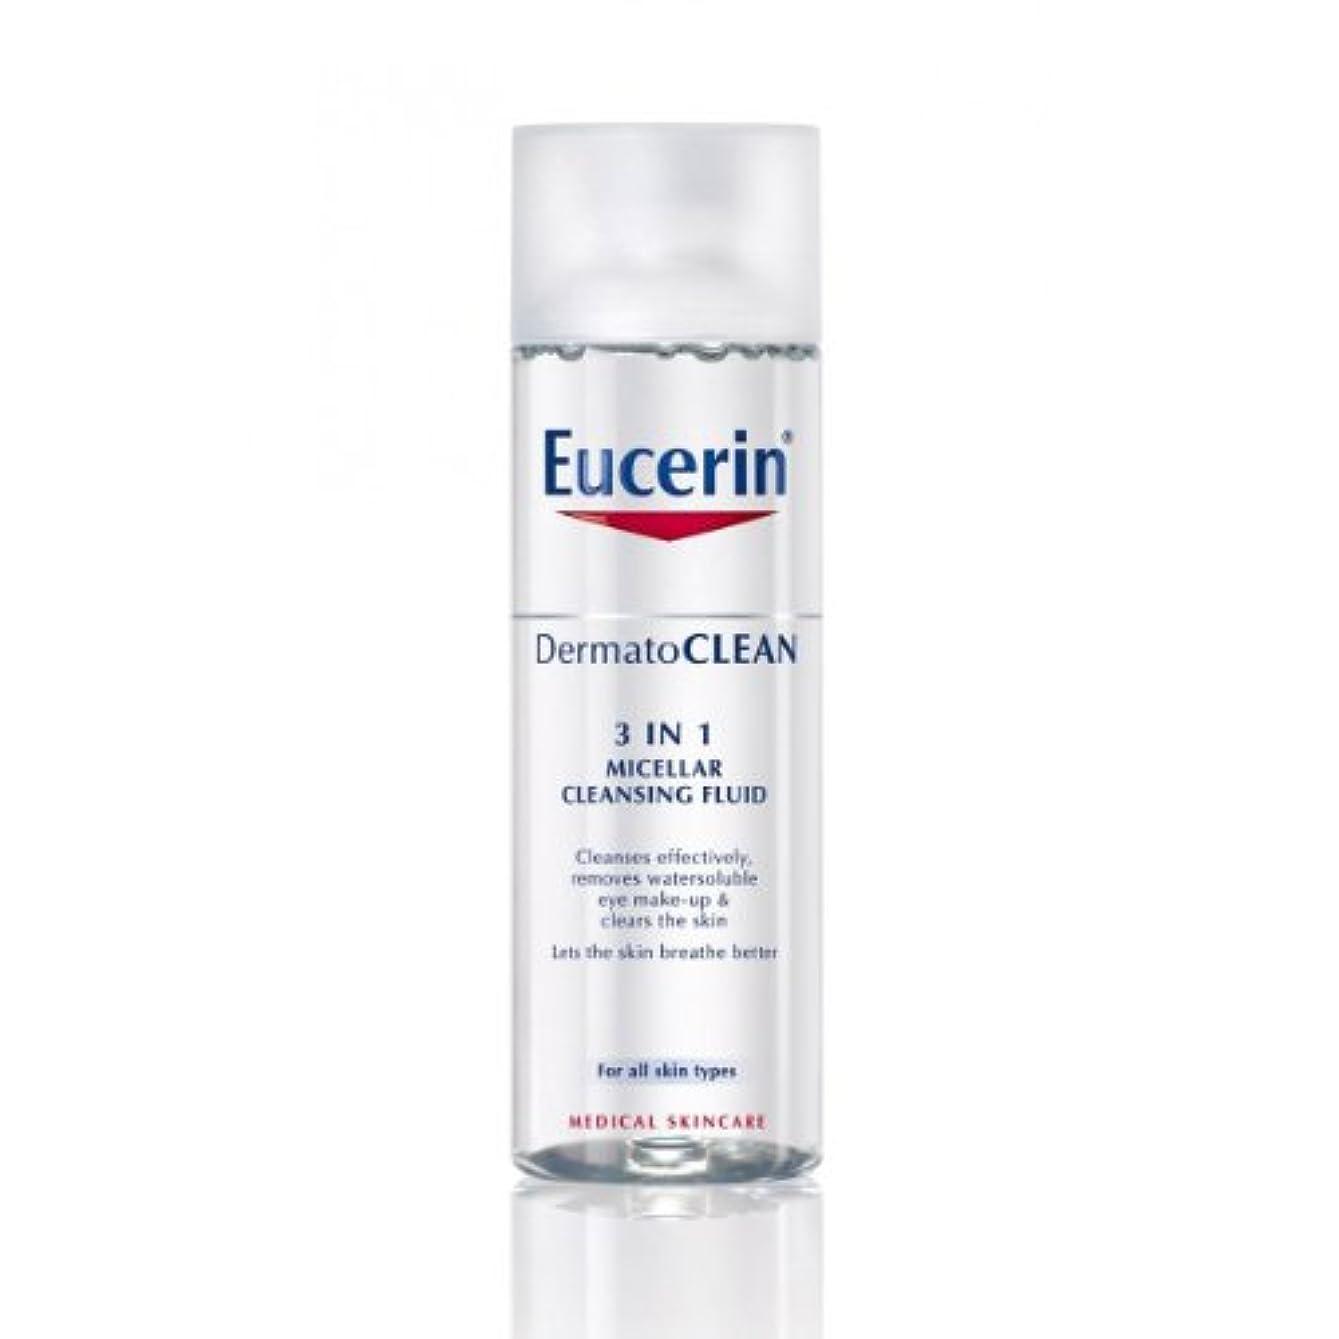 写真撮影親指普通にEucerin Dermatoclean 3in1 Micellar Cleansing Fluid 200ml [並行輸入品]